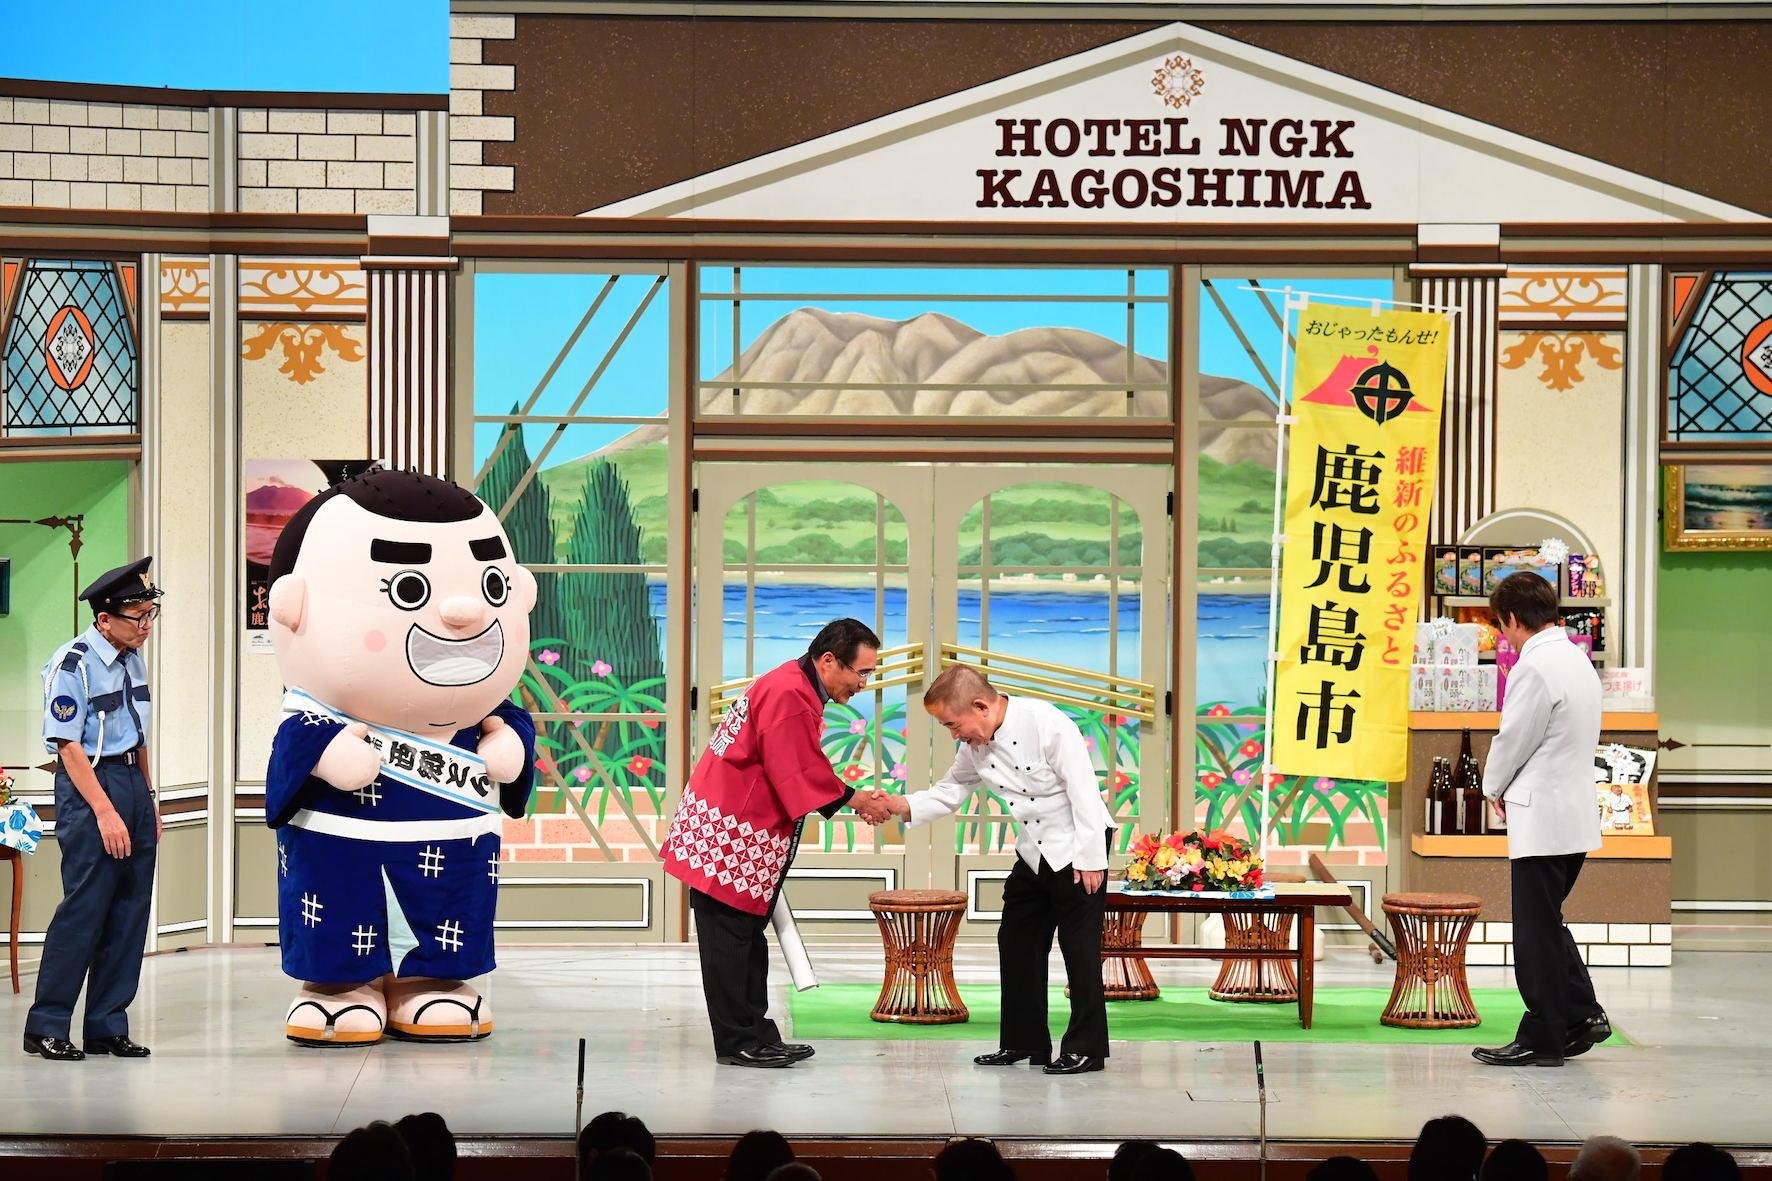 http://news.yoshimoto.co.jp/20180720185927-9e18c2040d0920a493f05c3199e73e59c1fe2bdc.jpg